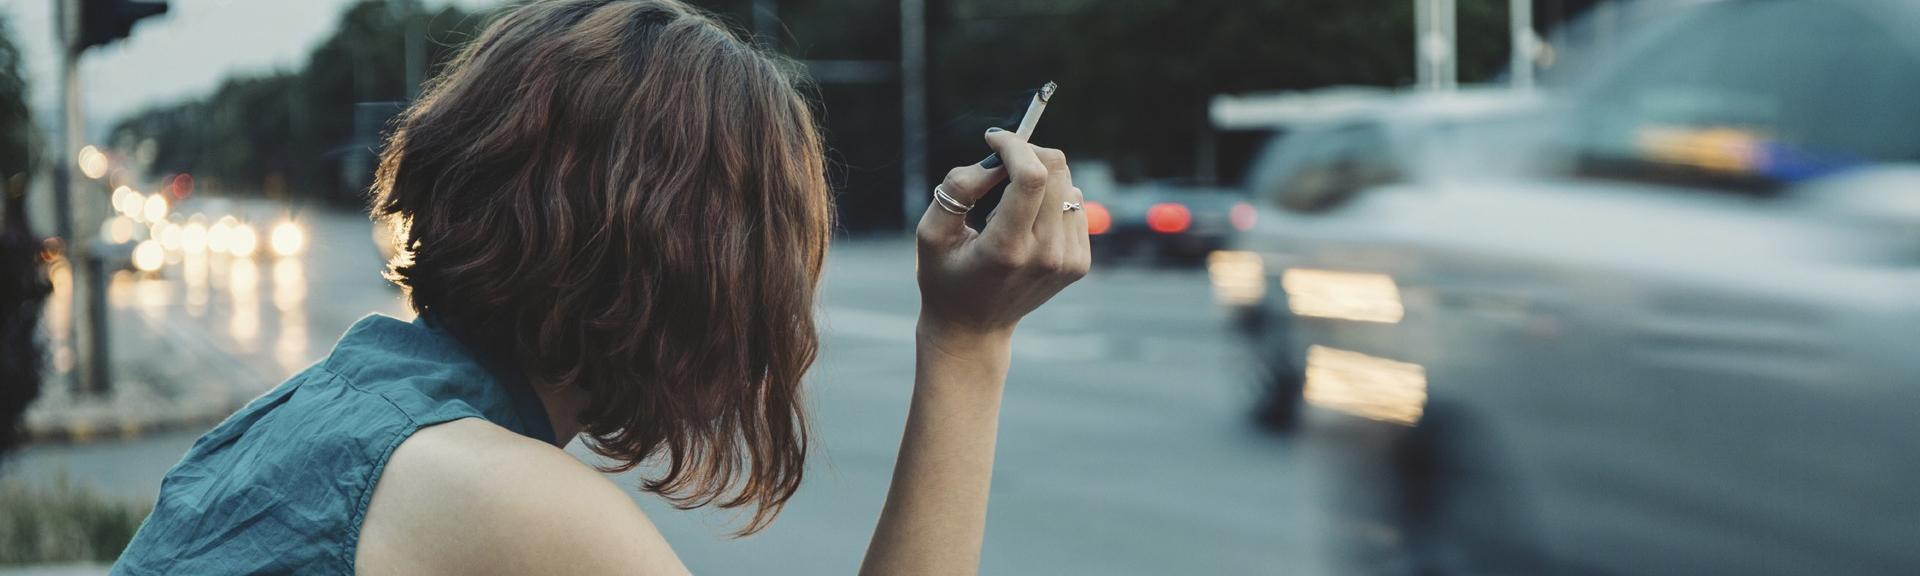 Êtes-vous dépendant à la cigarette ?